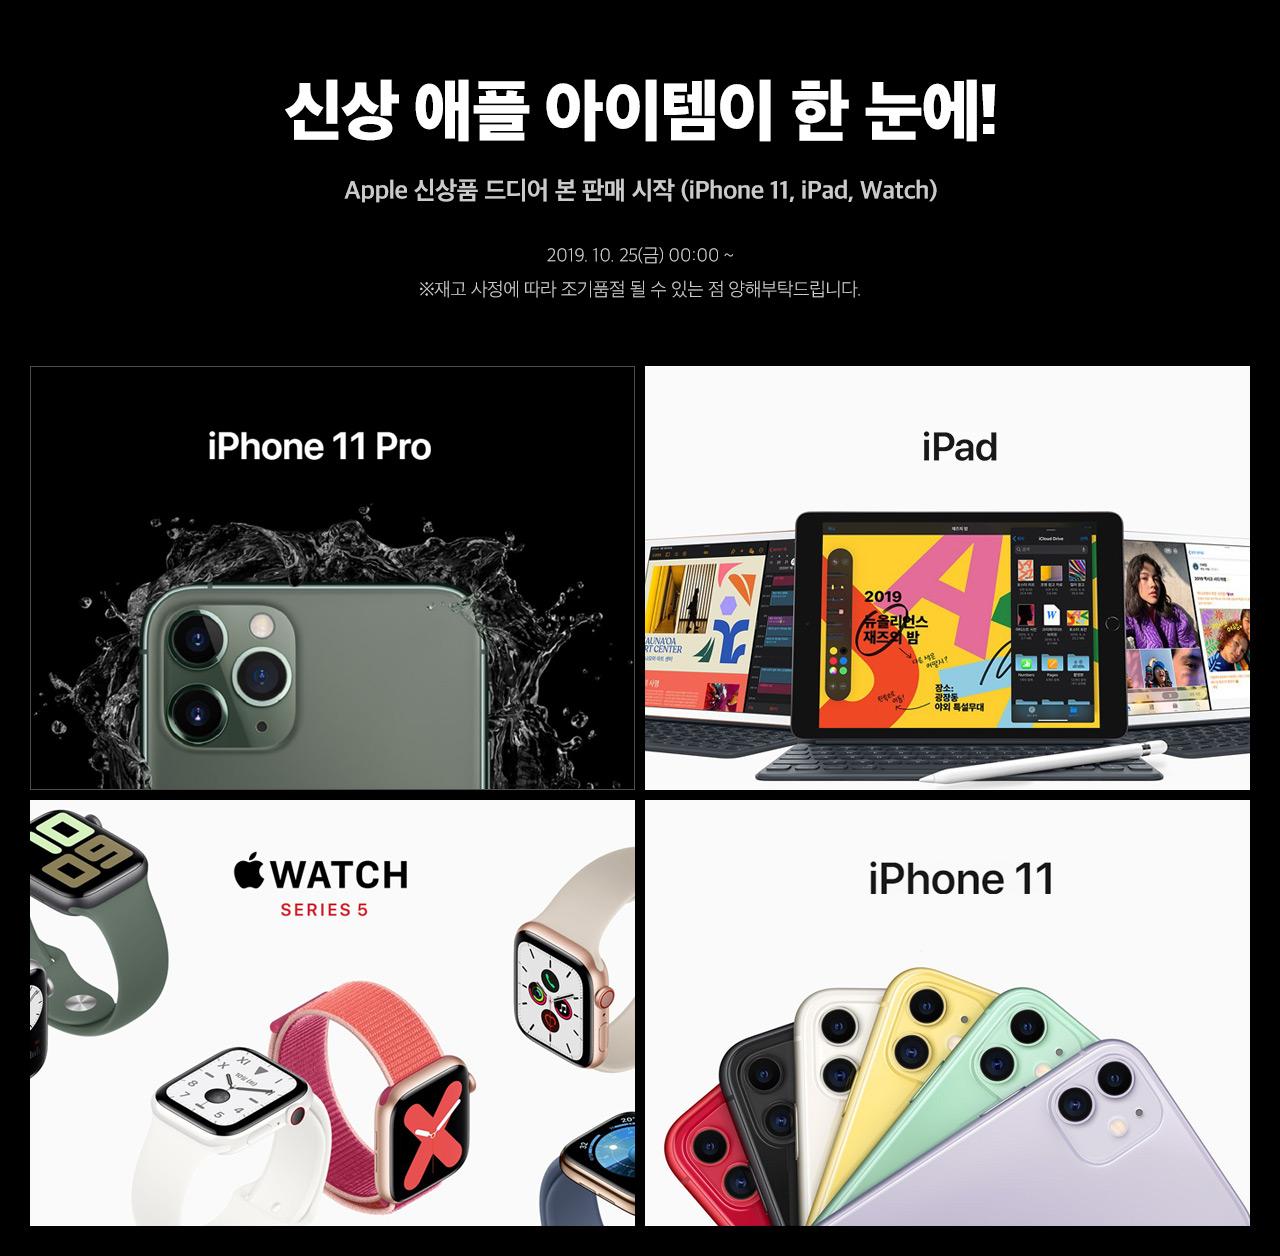 애플 신상품